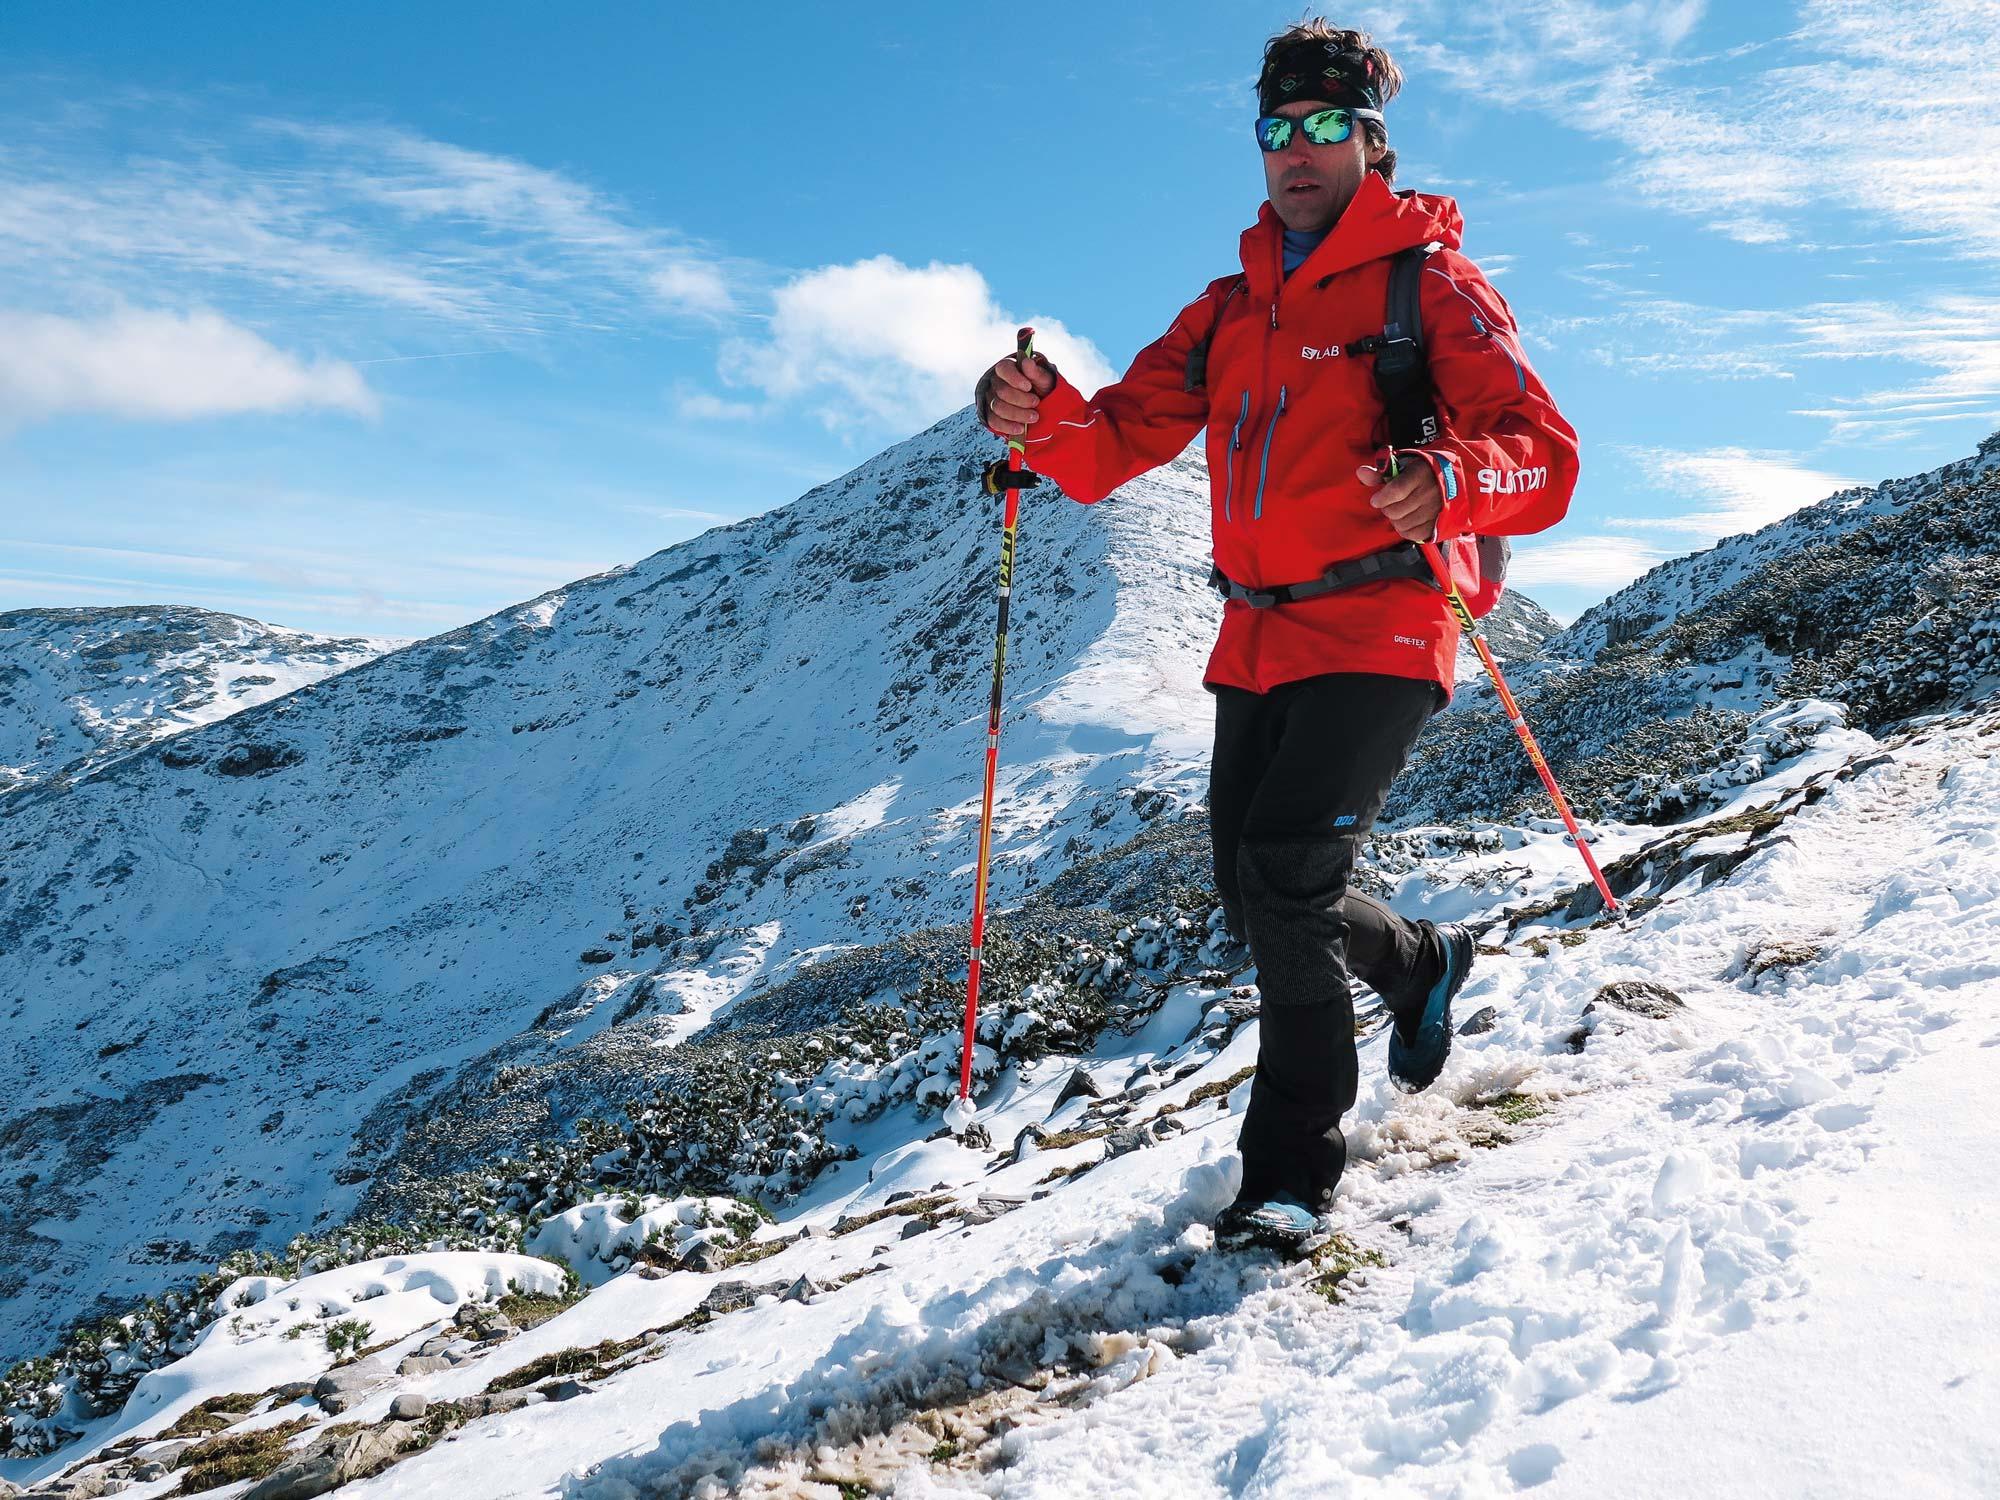 Peter Schlickenrieder unterwegs im Hochgebirge während der 24h-Trophy © www.peter-schlickenrieder.de